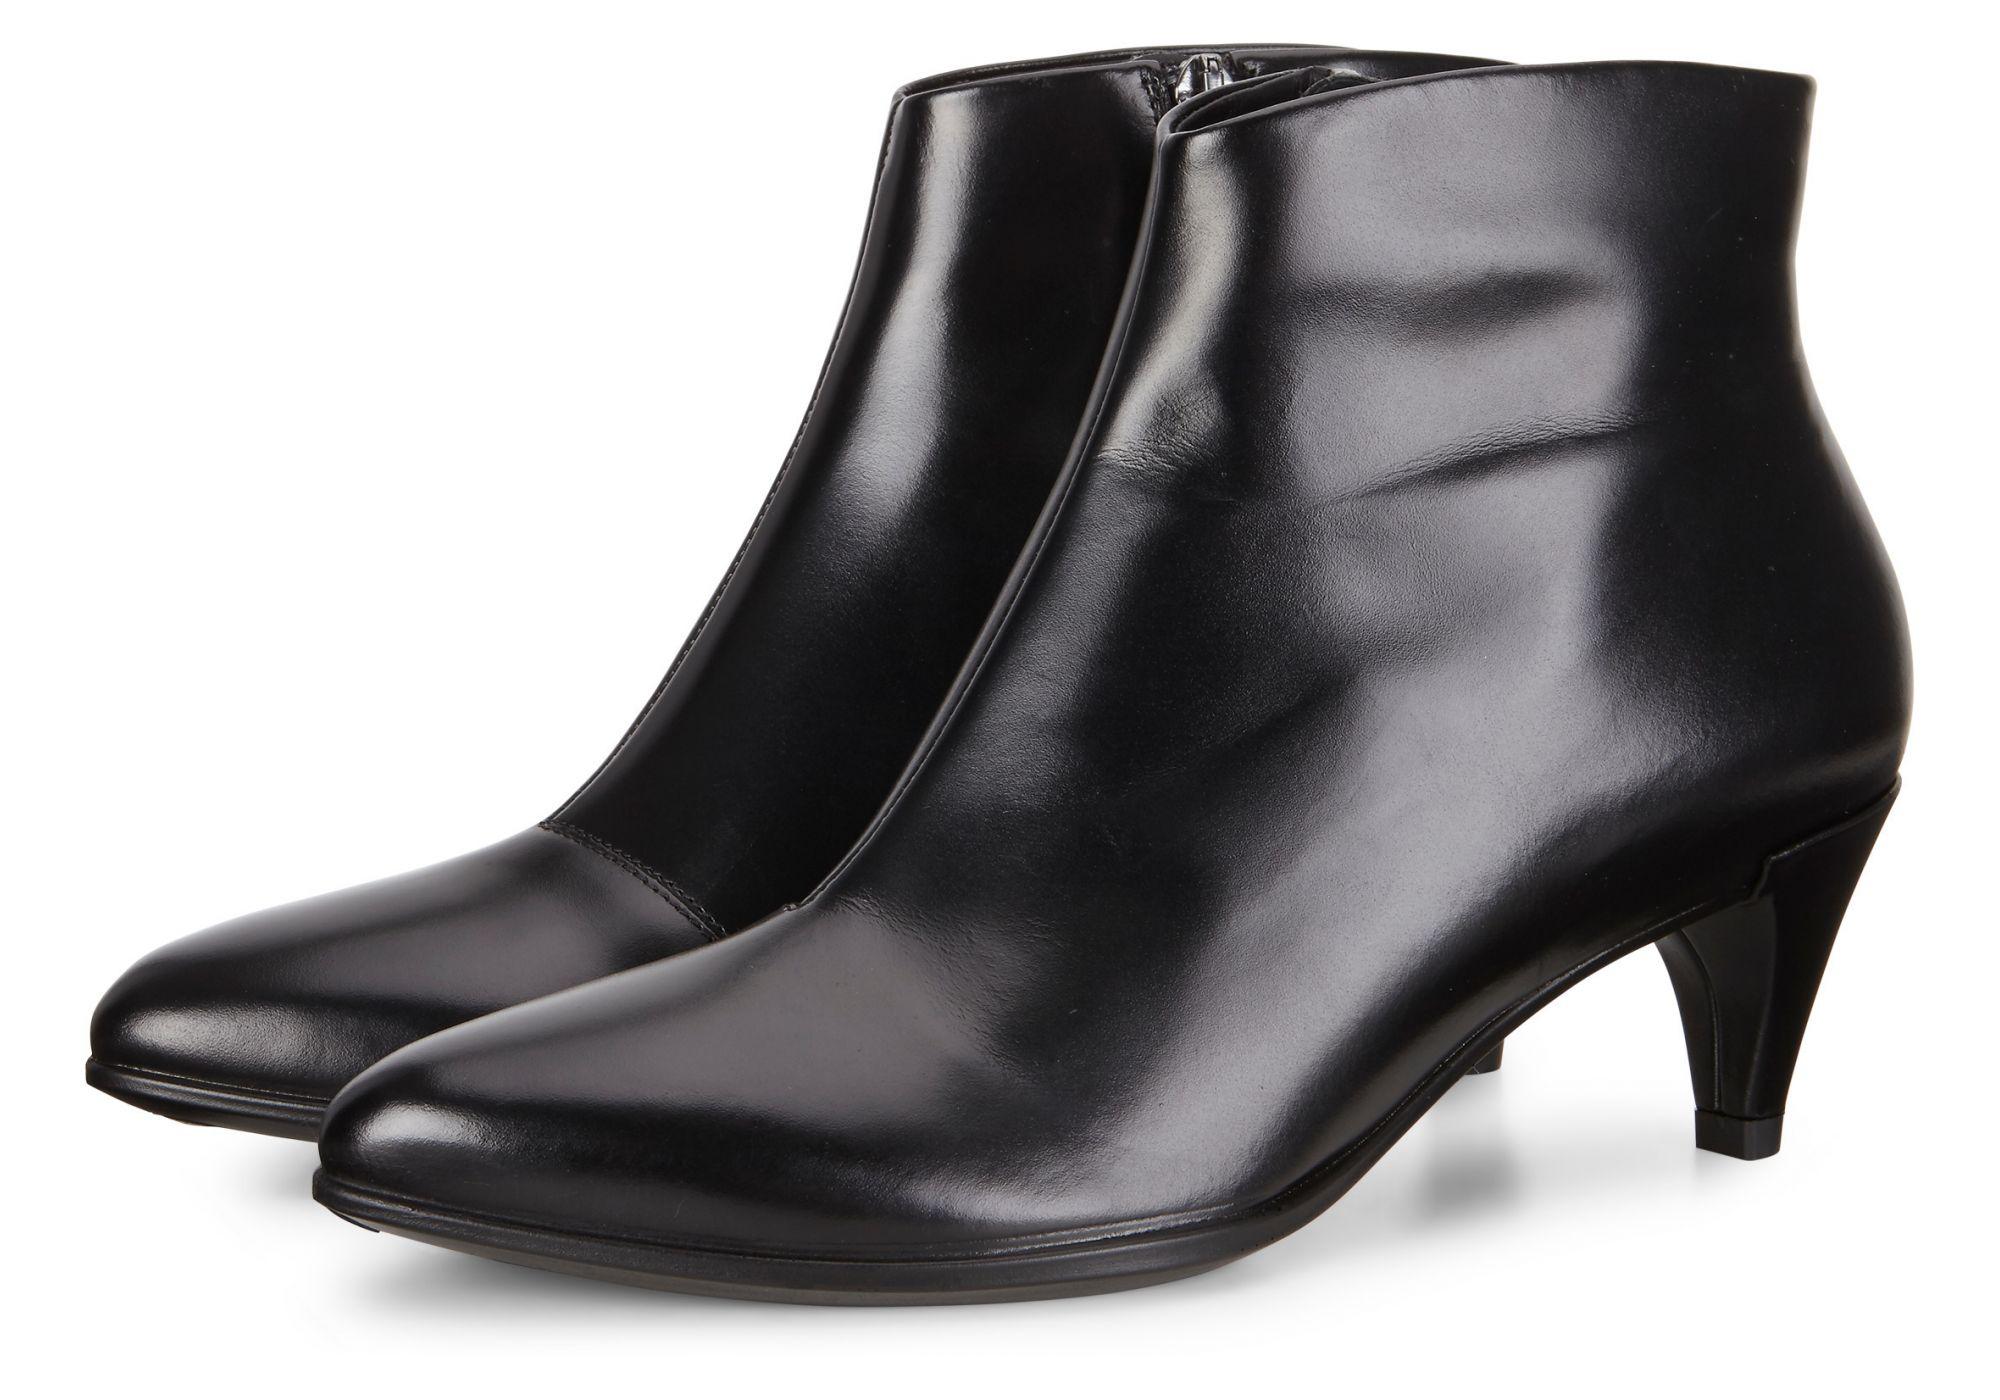 ECCO爱步 女鞋263863中跟商务正装休闲皮鞋时尚短靴2018款 型塑45